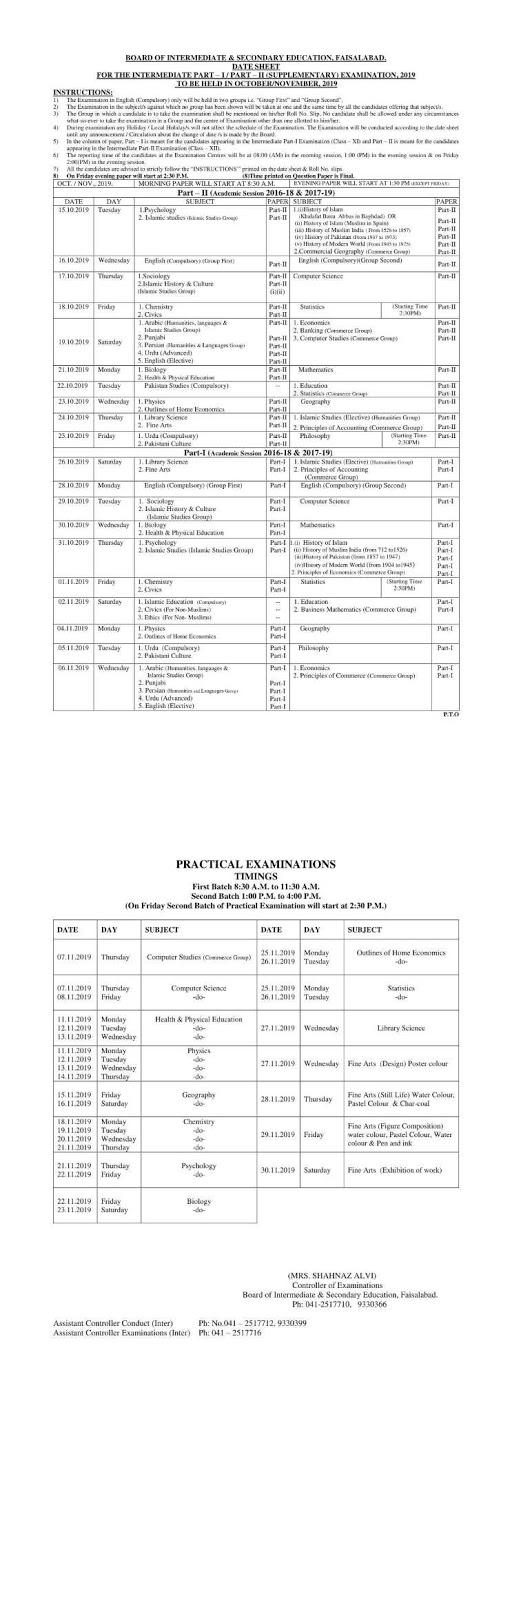 Date Sheet inter Supplementary 2019 Faisalabad Board